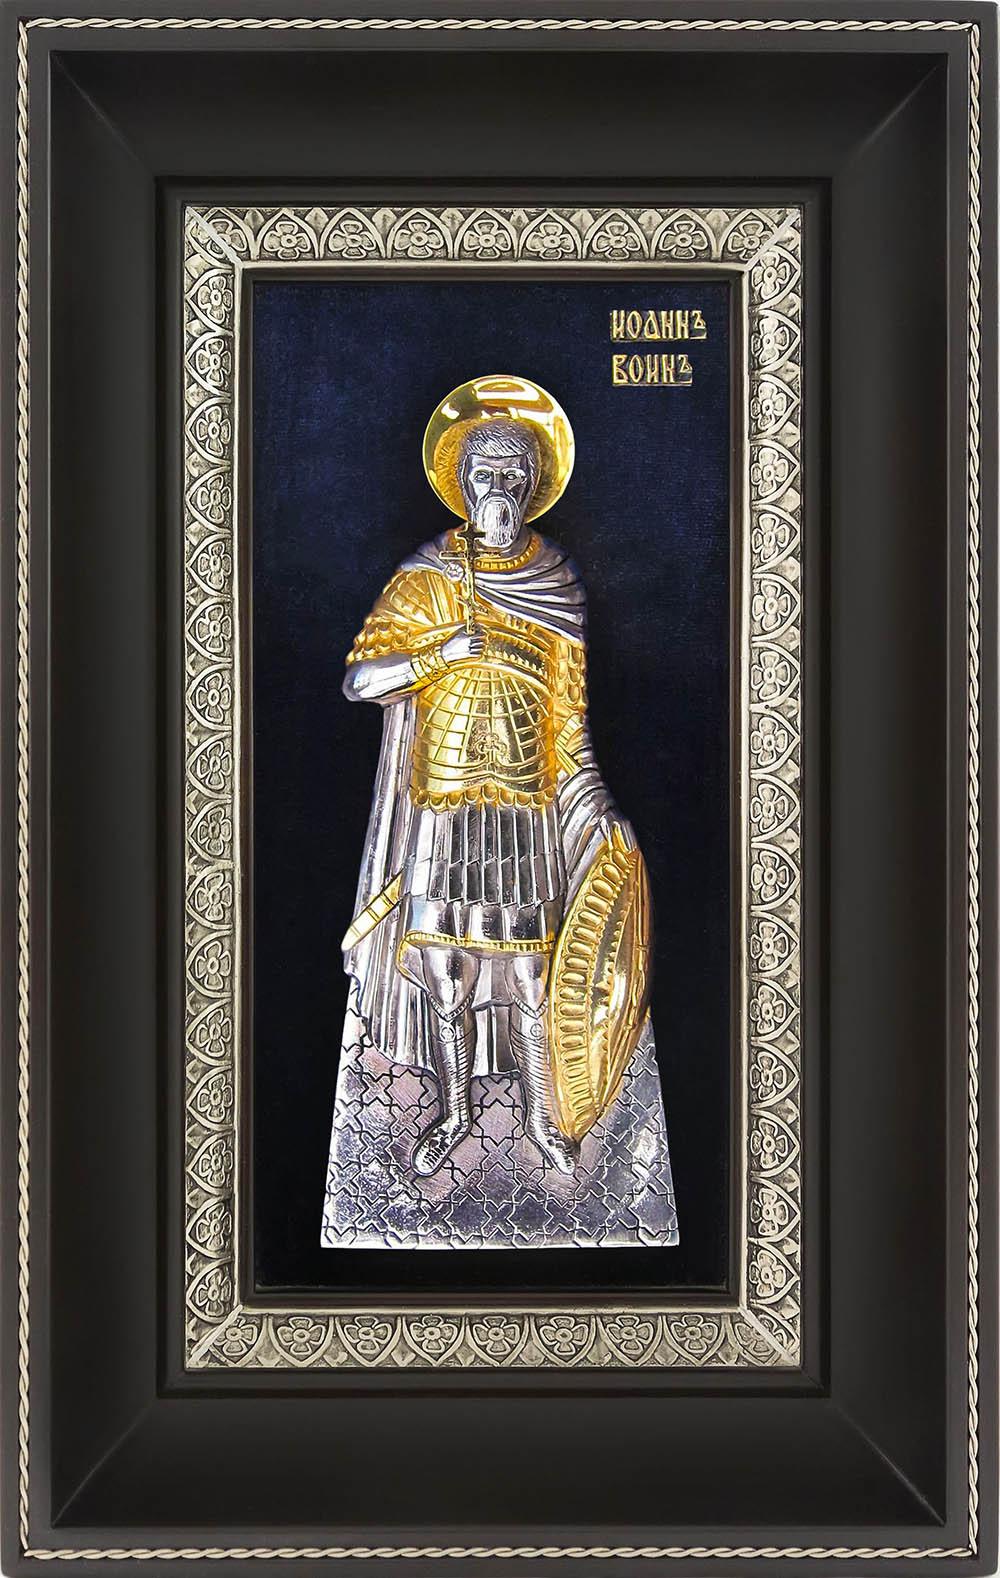 фото икона святого Иоанна Воина гальванопластика серебро золото деревянная рама